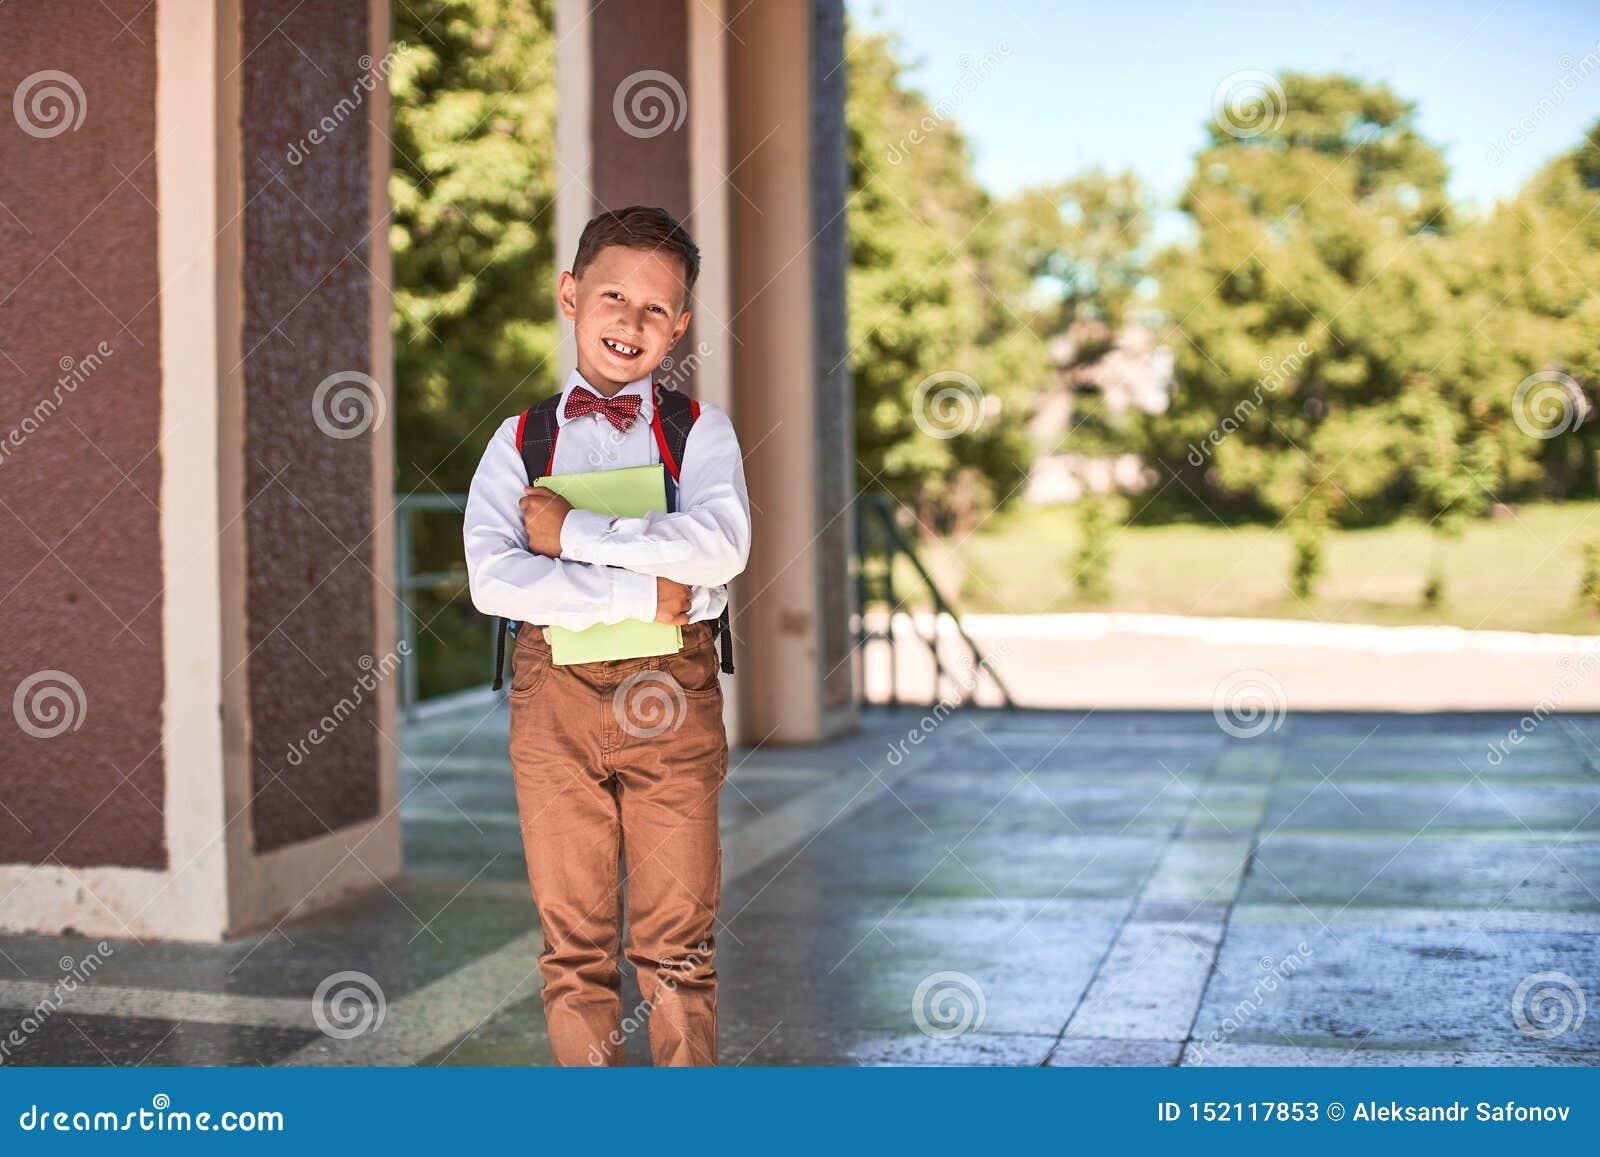 Dziecko iść szkoła podstawowa portret szczęśliwy dziecko z teczką z powrotem na jego